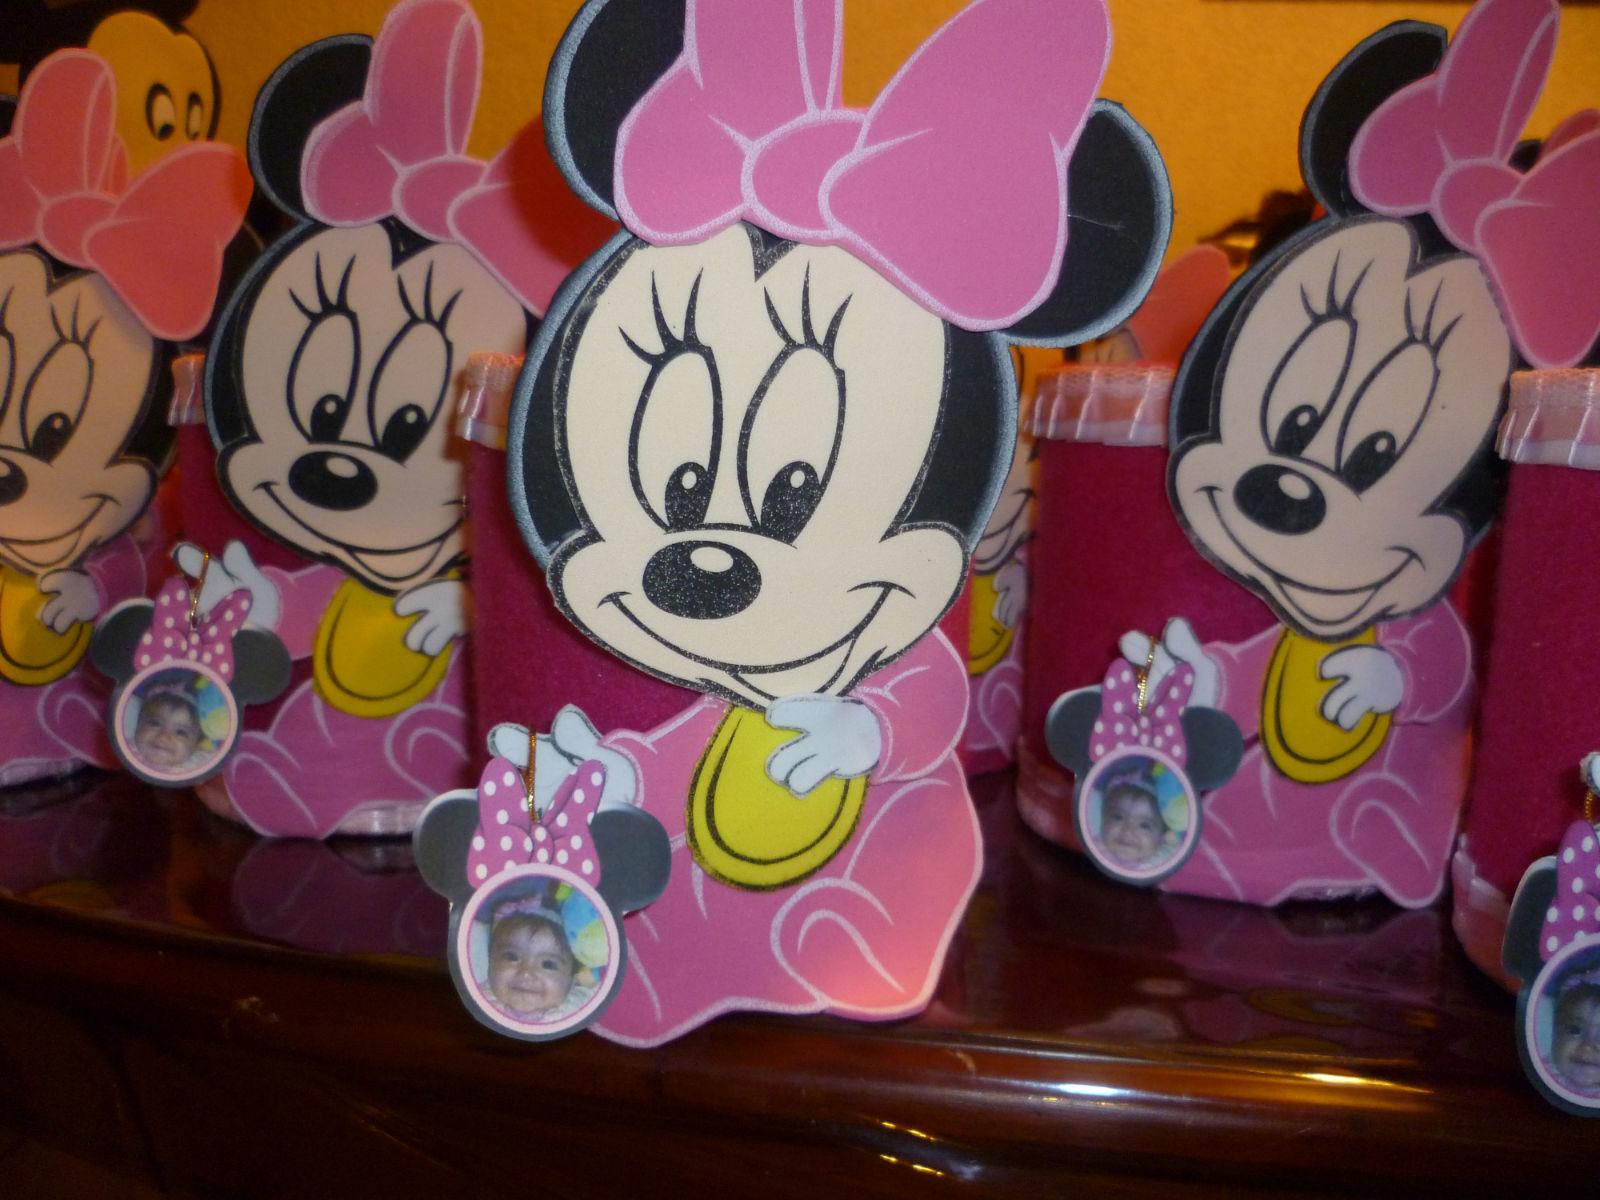 de Lilieth colgadita de la mano de Minnie Mouse para que quedara de